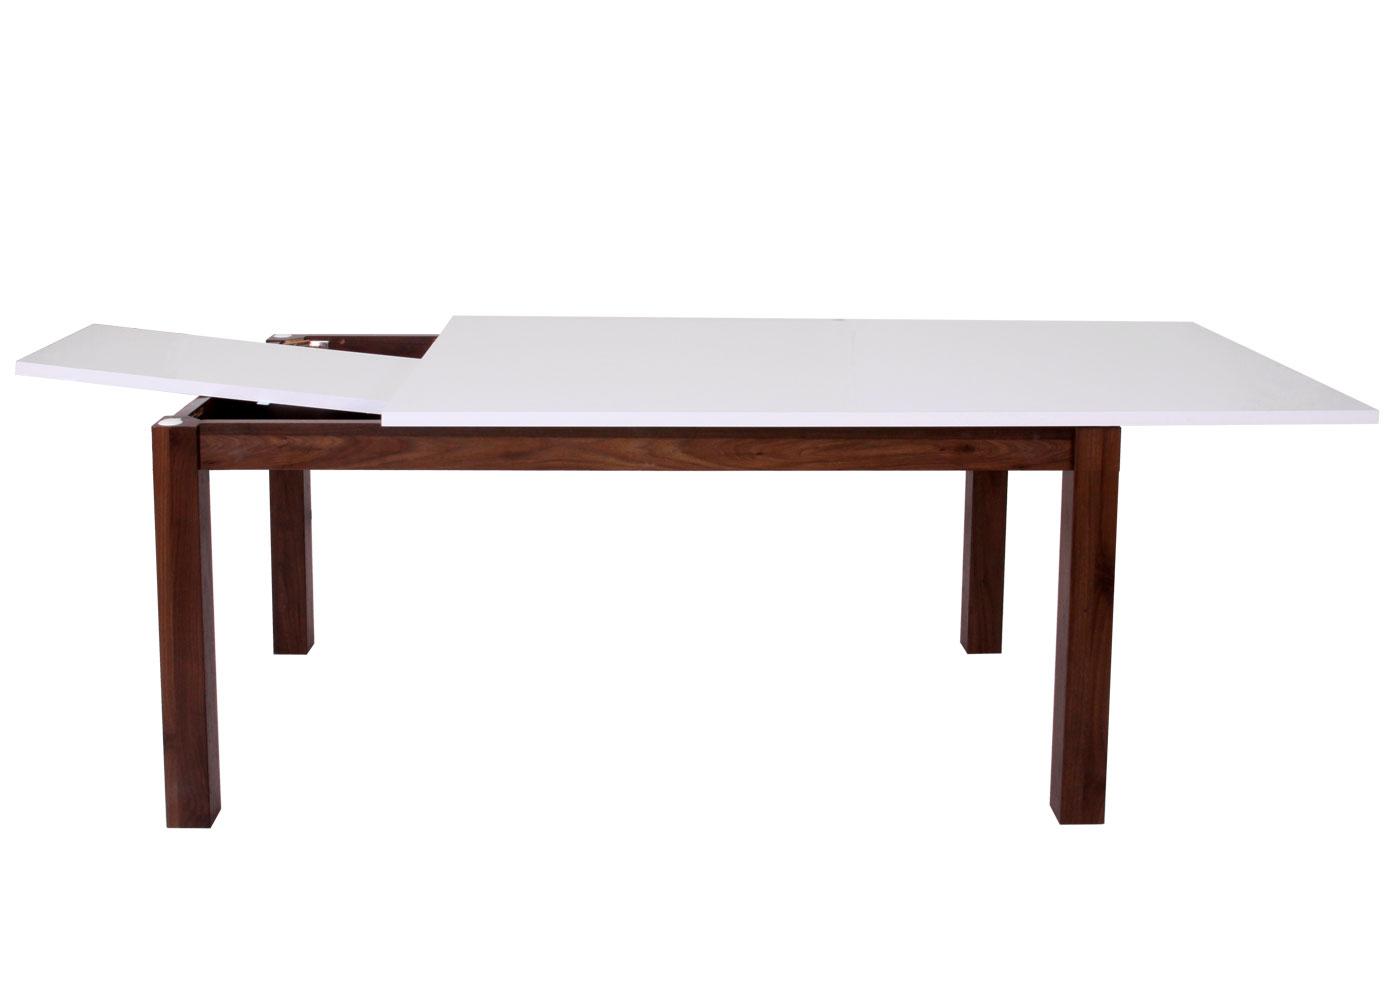 Esstisch mcw b51 esszimmertisch tisch ausziehbar for Esszimmertisch ausziehbar